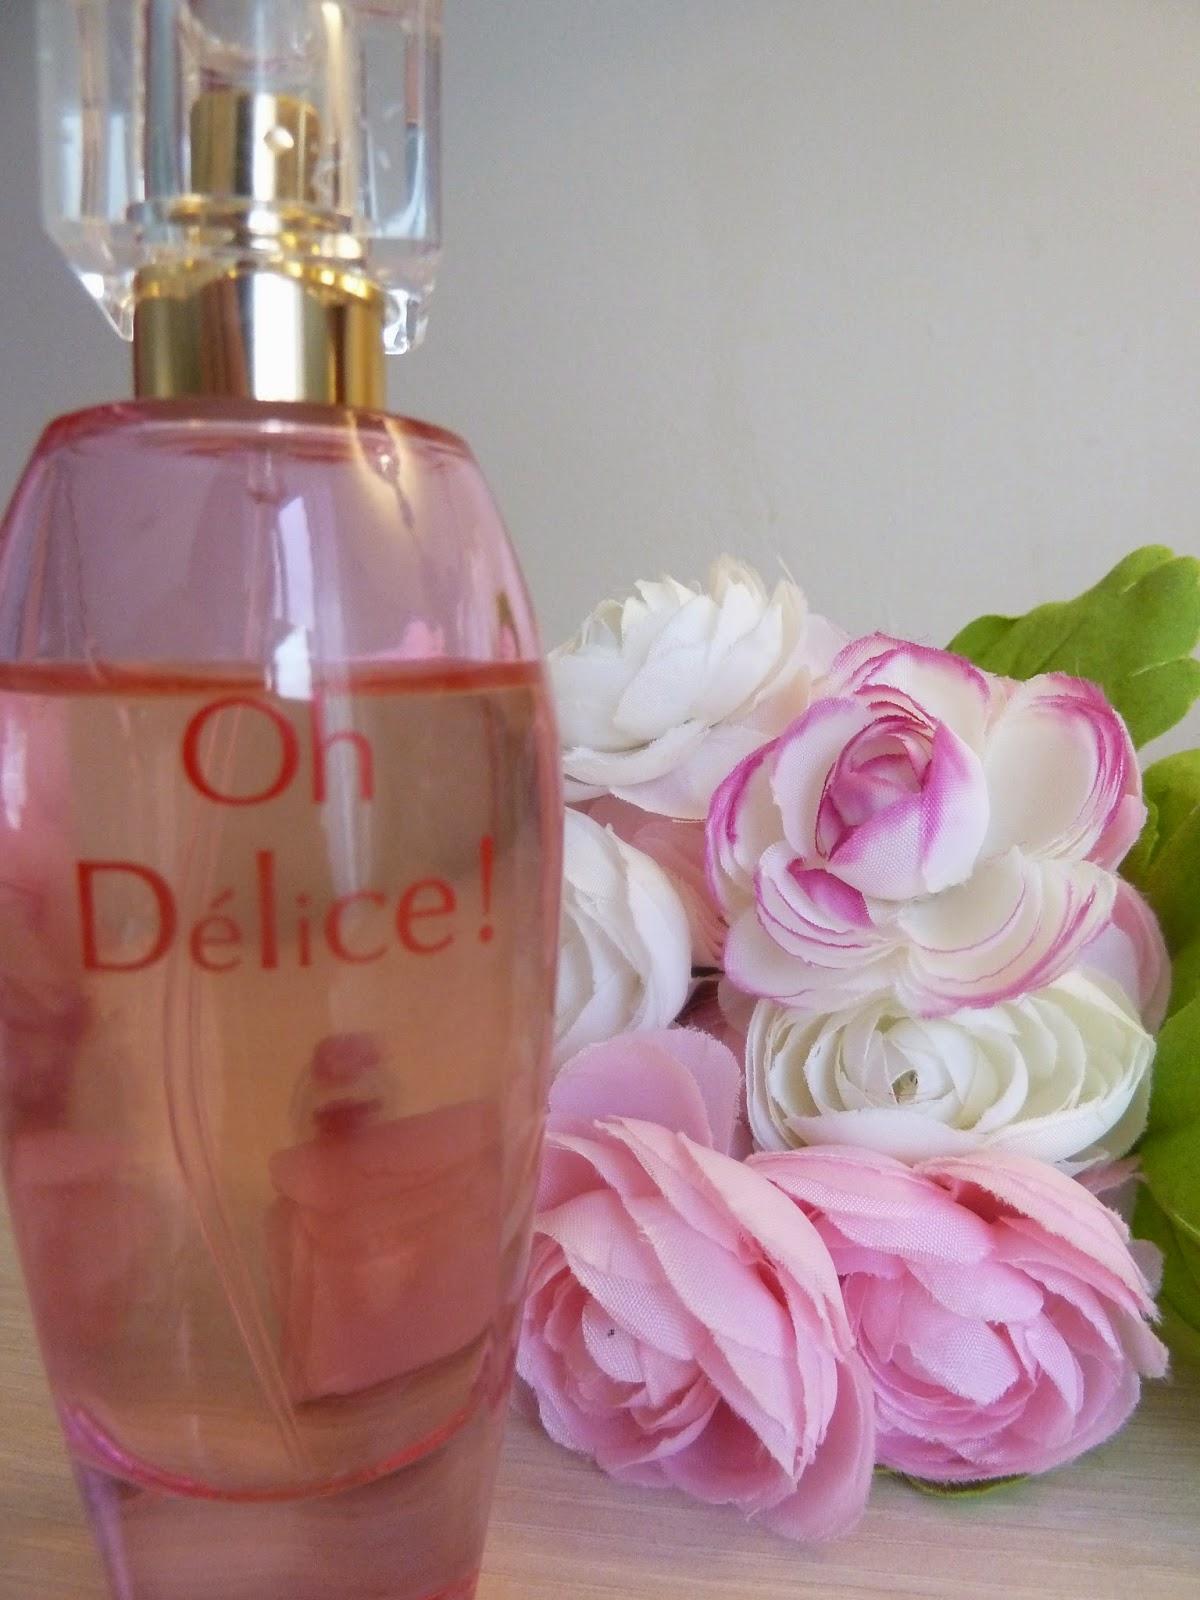 Prémices du printemps avec l'eau de parfum Oh Délice ! - ID Parfums